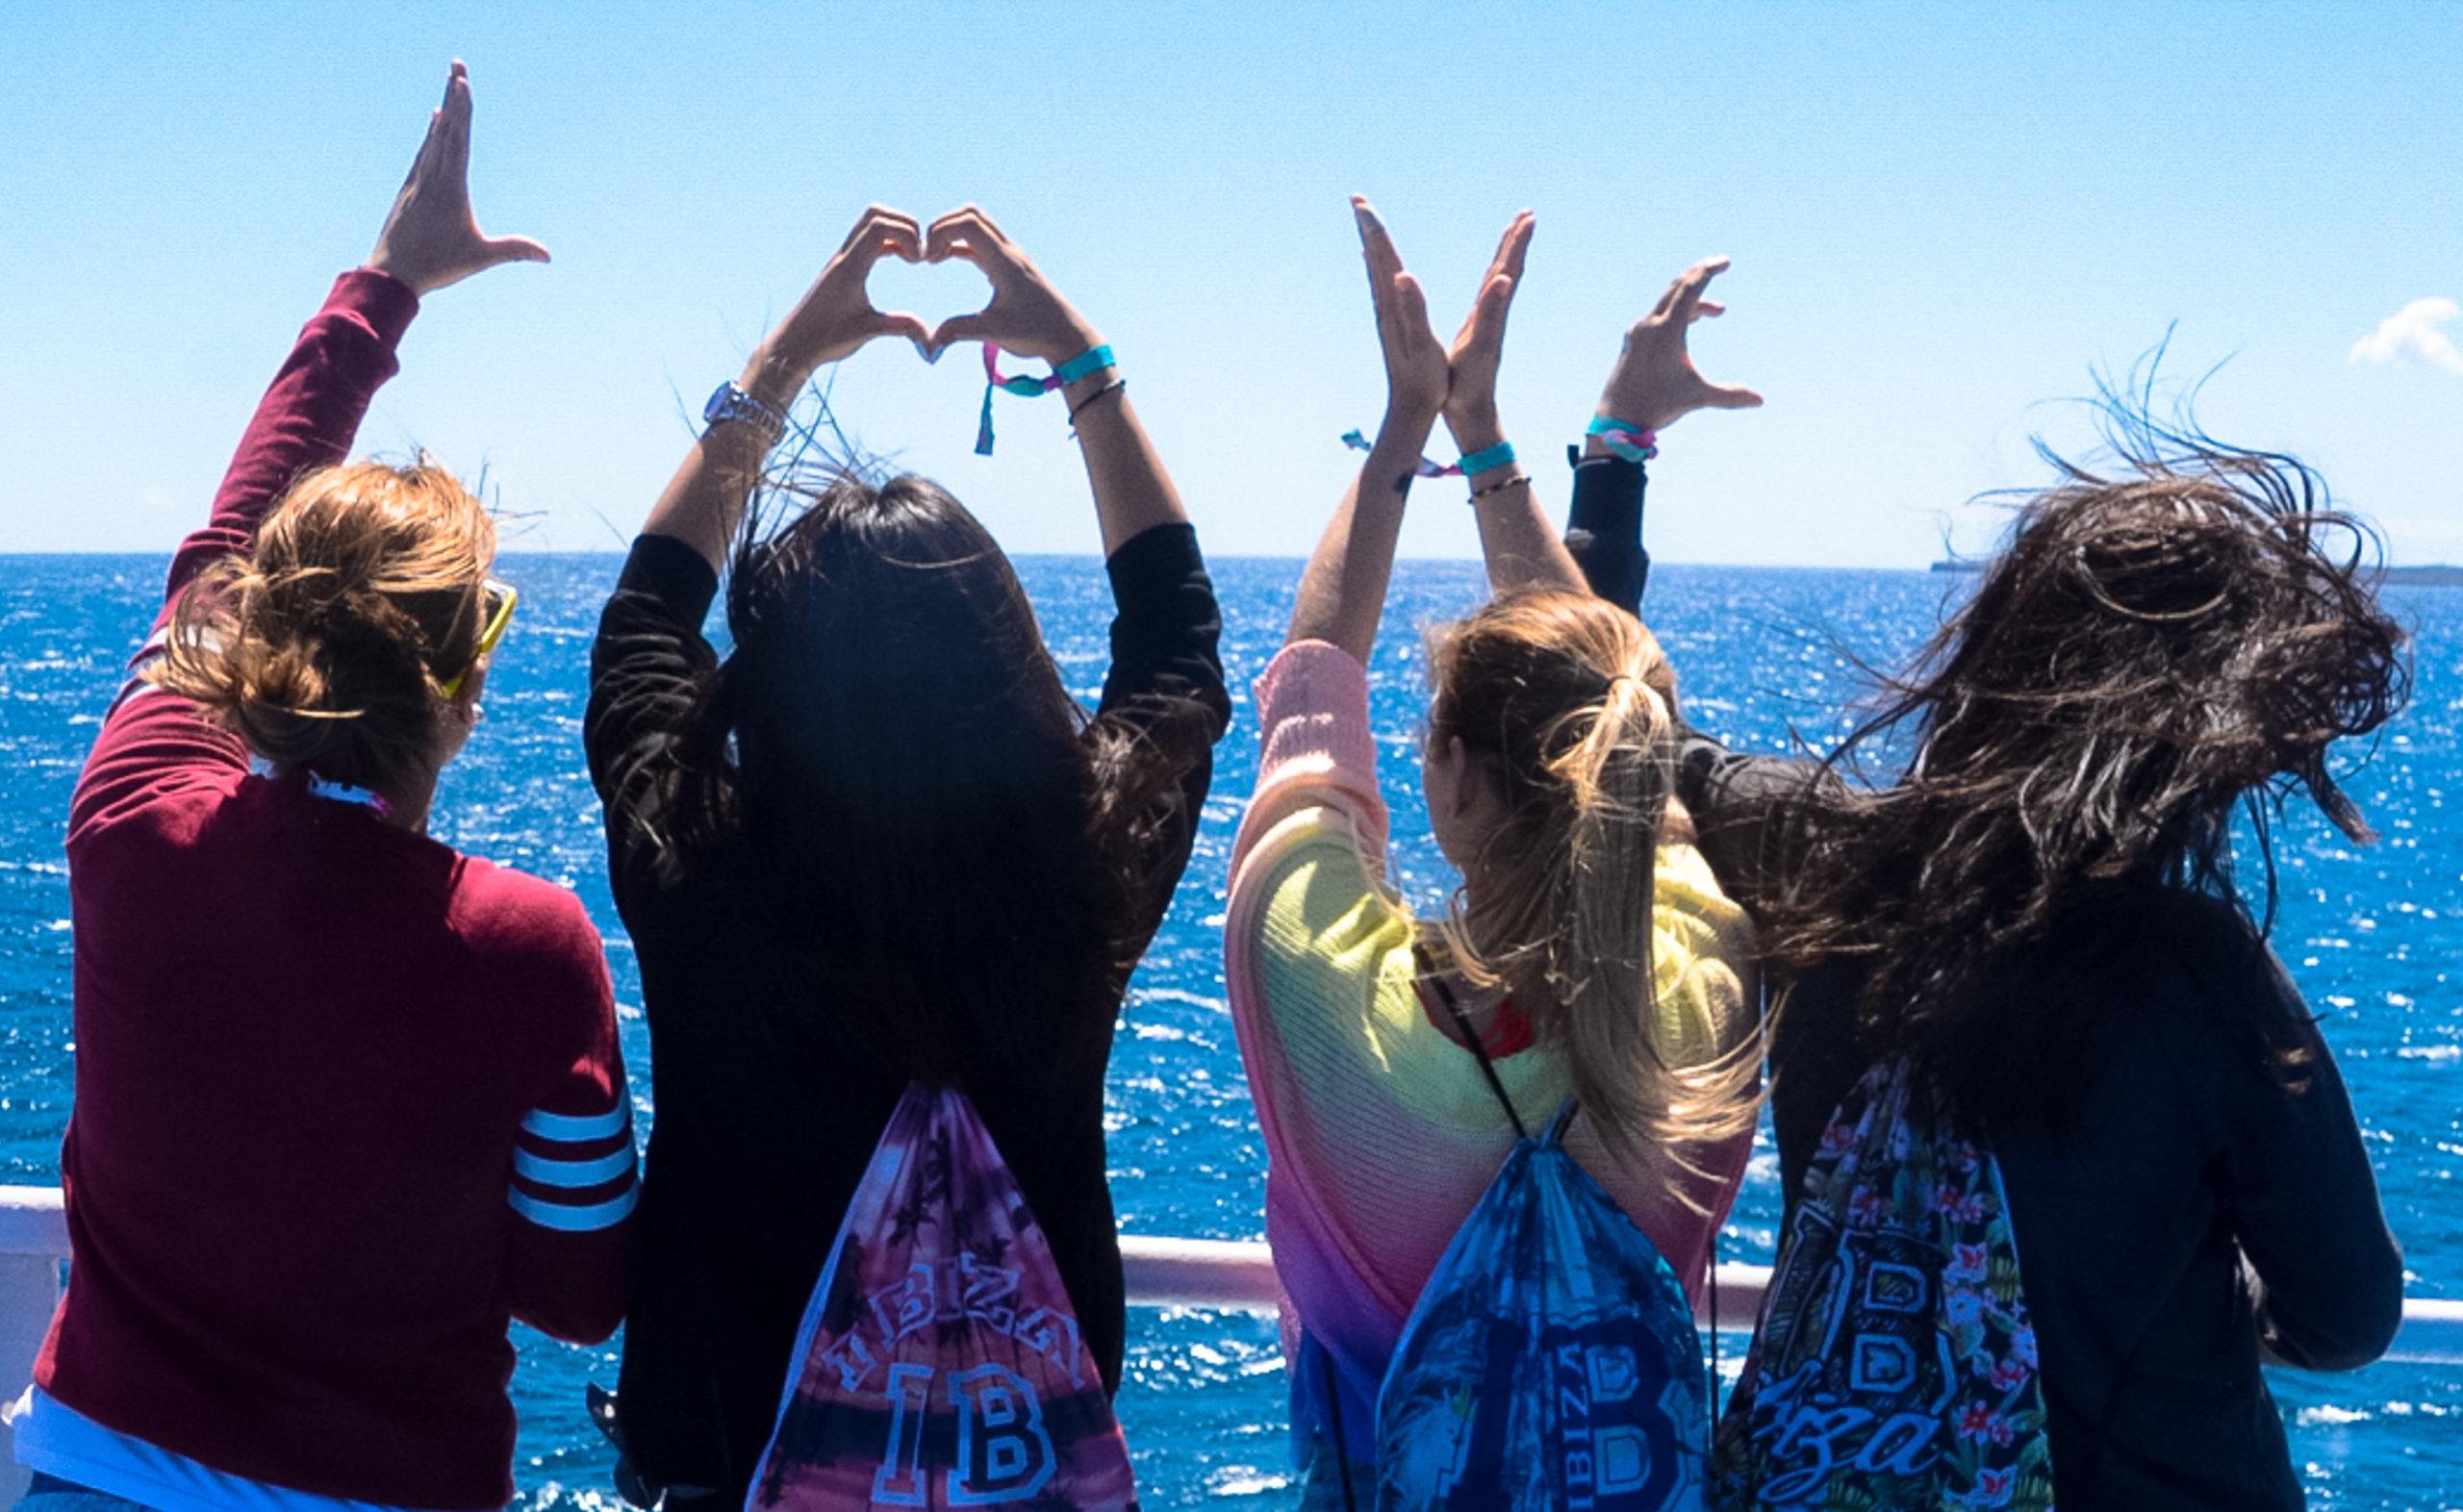 Mächen zeigen, was sie für Ibiza empfinden: Love